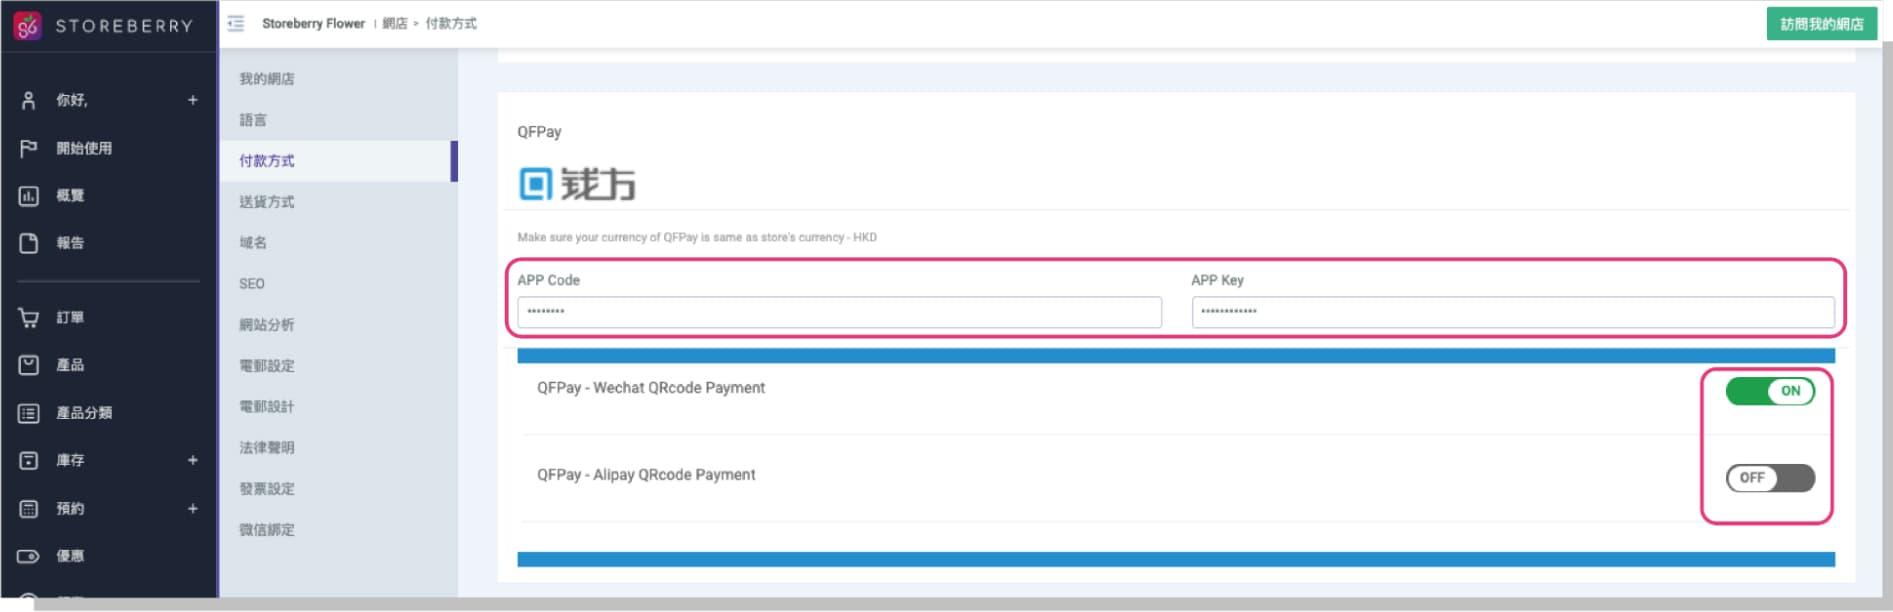 如何設置 QFPay(錢方)付款方式?